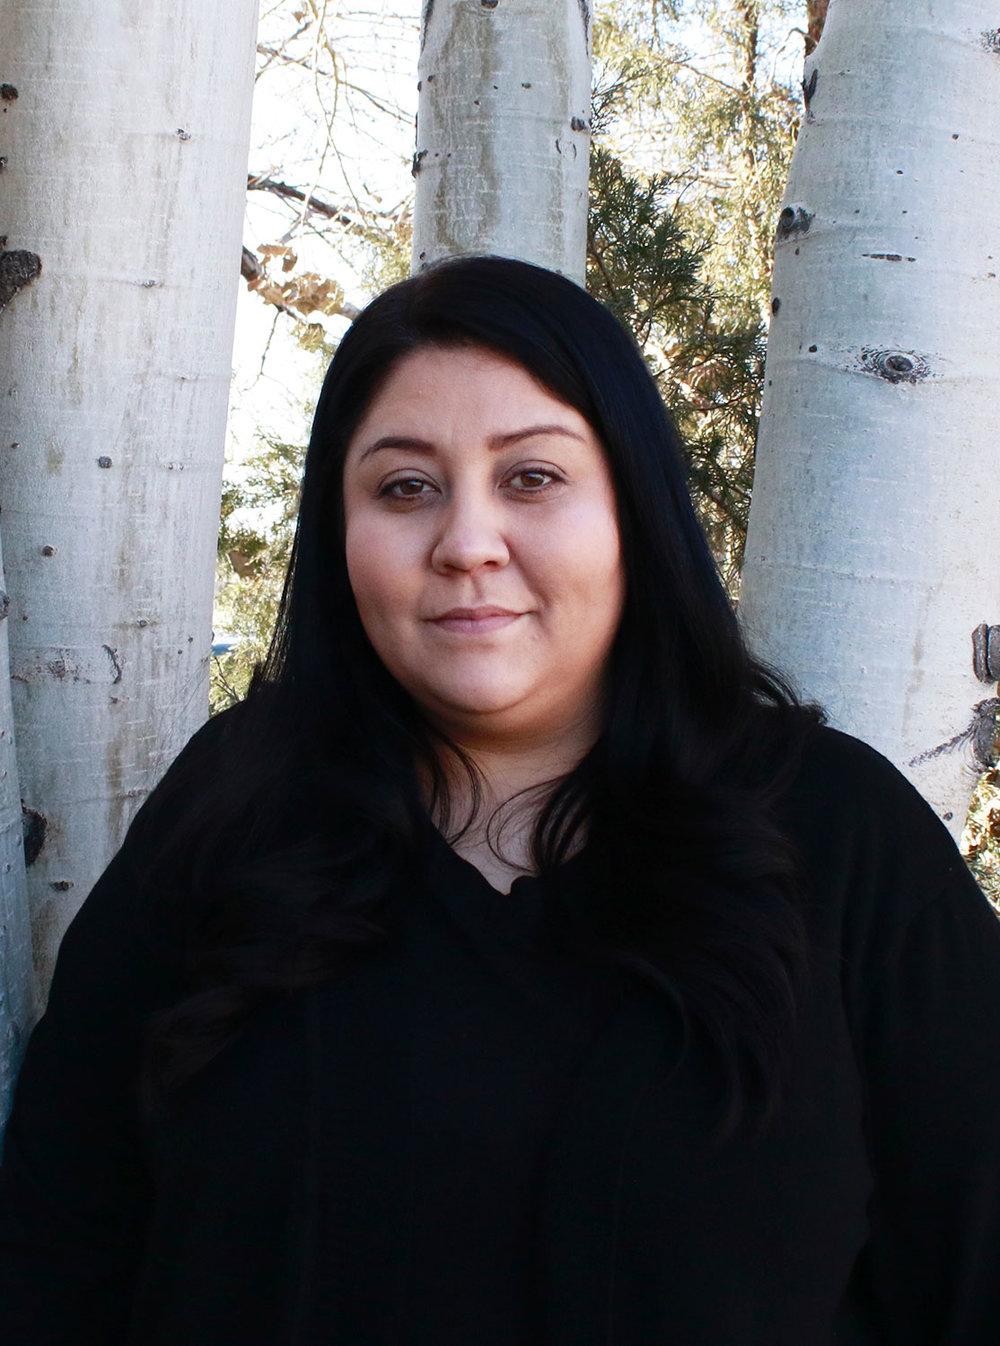 Taos Whole Health Integrative Care - Loretta Yuma, Medical Assistant